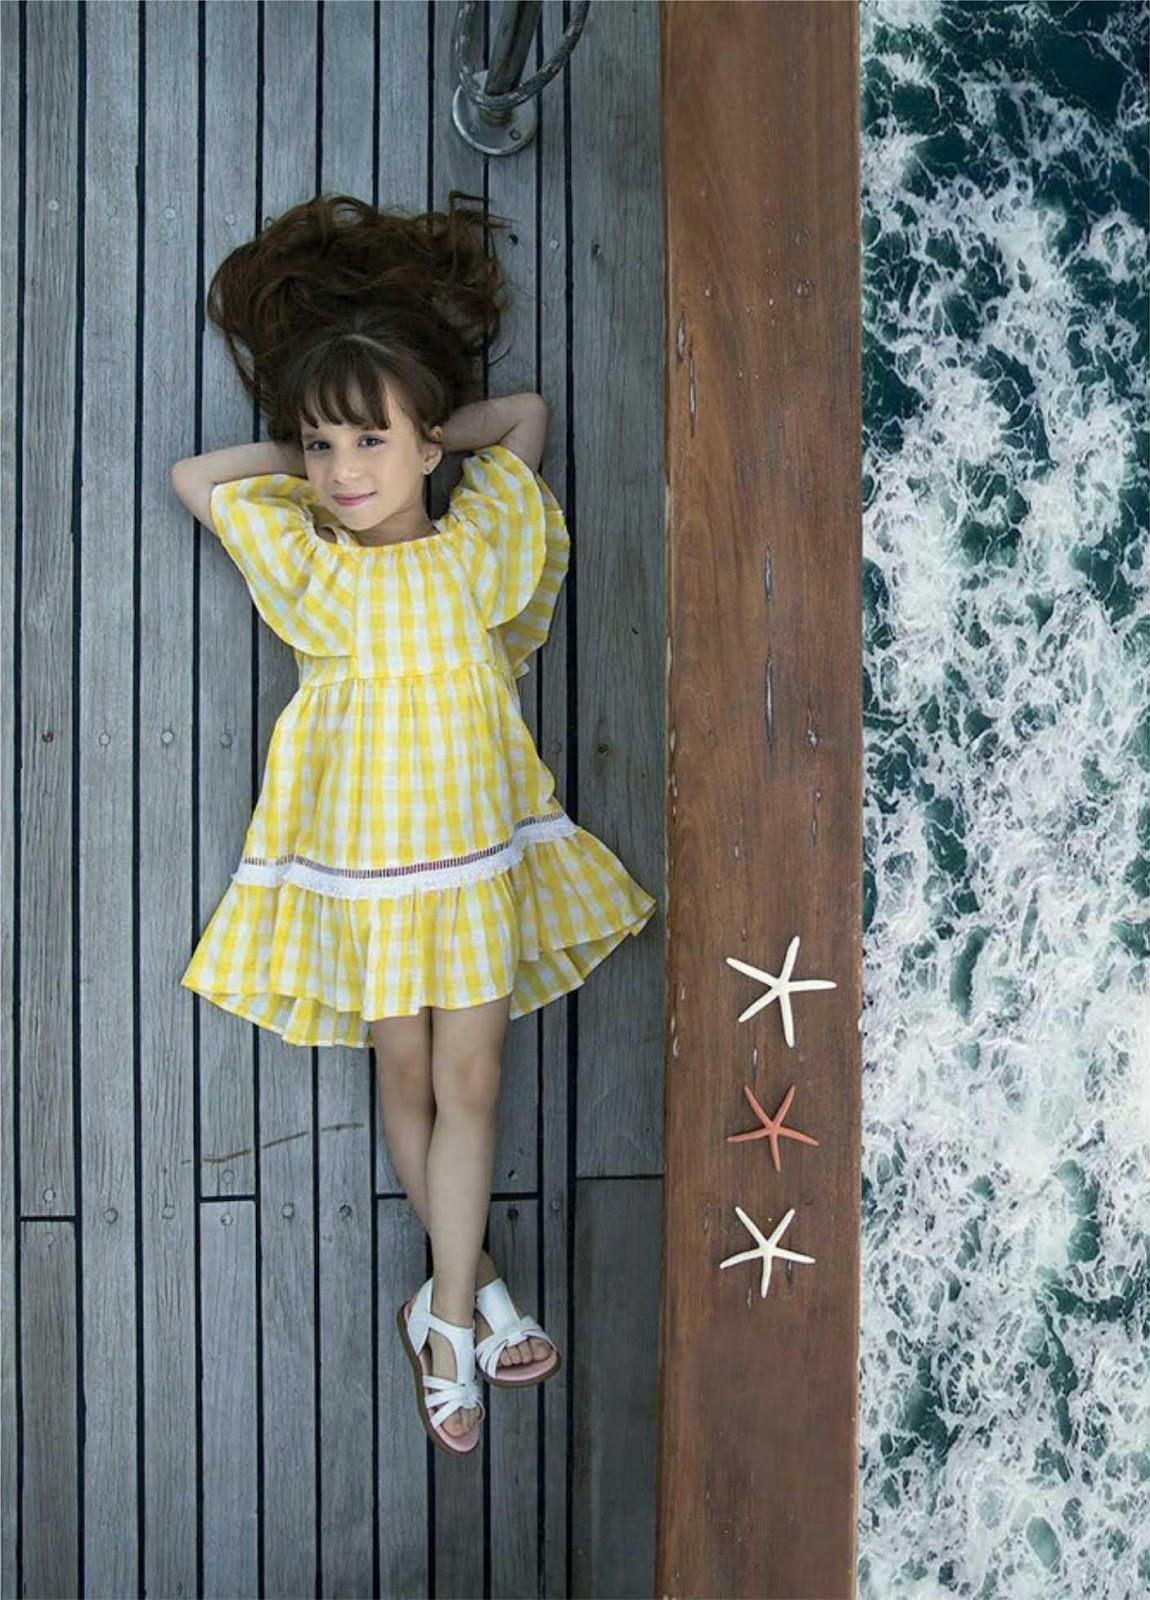 Uma imagem contendo pessoa, menina, vestuário, cerca  Descrição gerada automaticamente